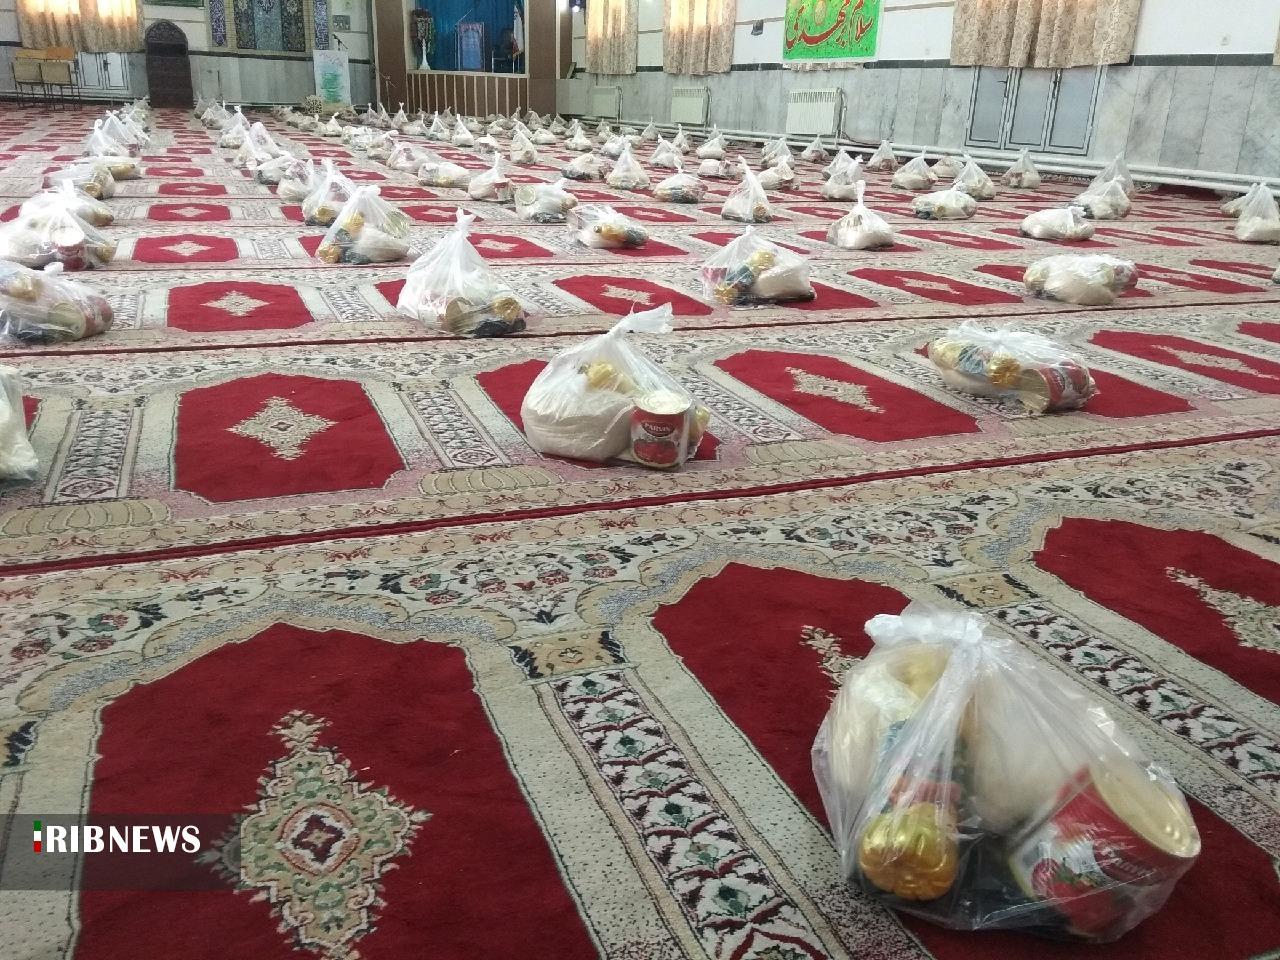 توزیع ۳۰۰ بسته مواد غذایی بین نیازمندان در باغشهر اسلامیه